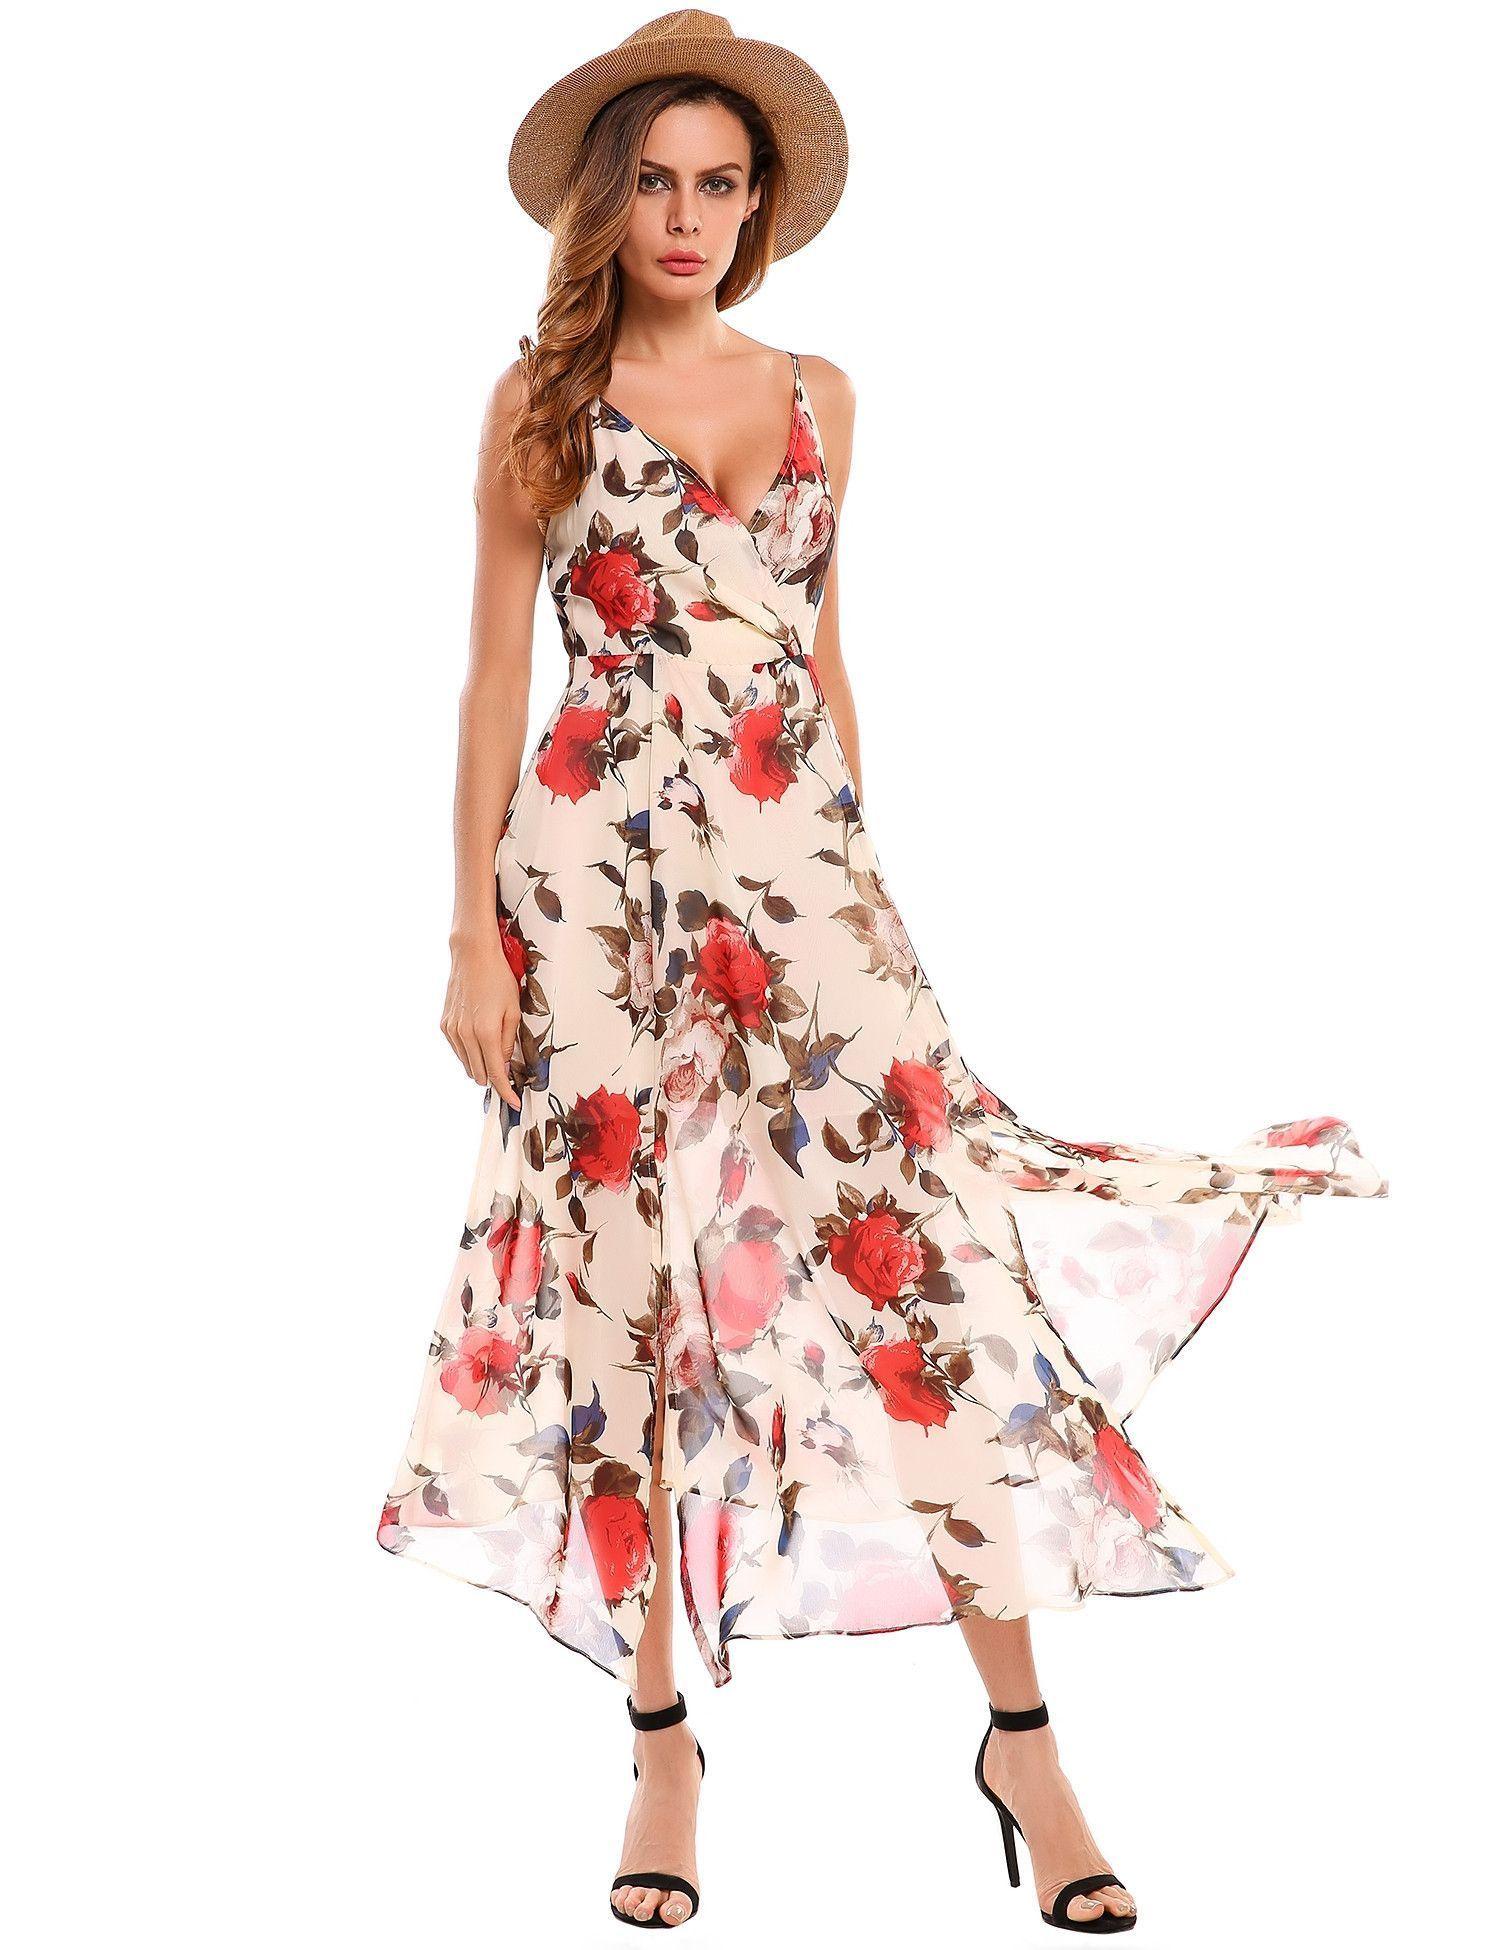 Wunderbar Hässliche Rote Brautjunferkleider Fotos - Brautkleider ...